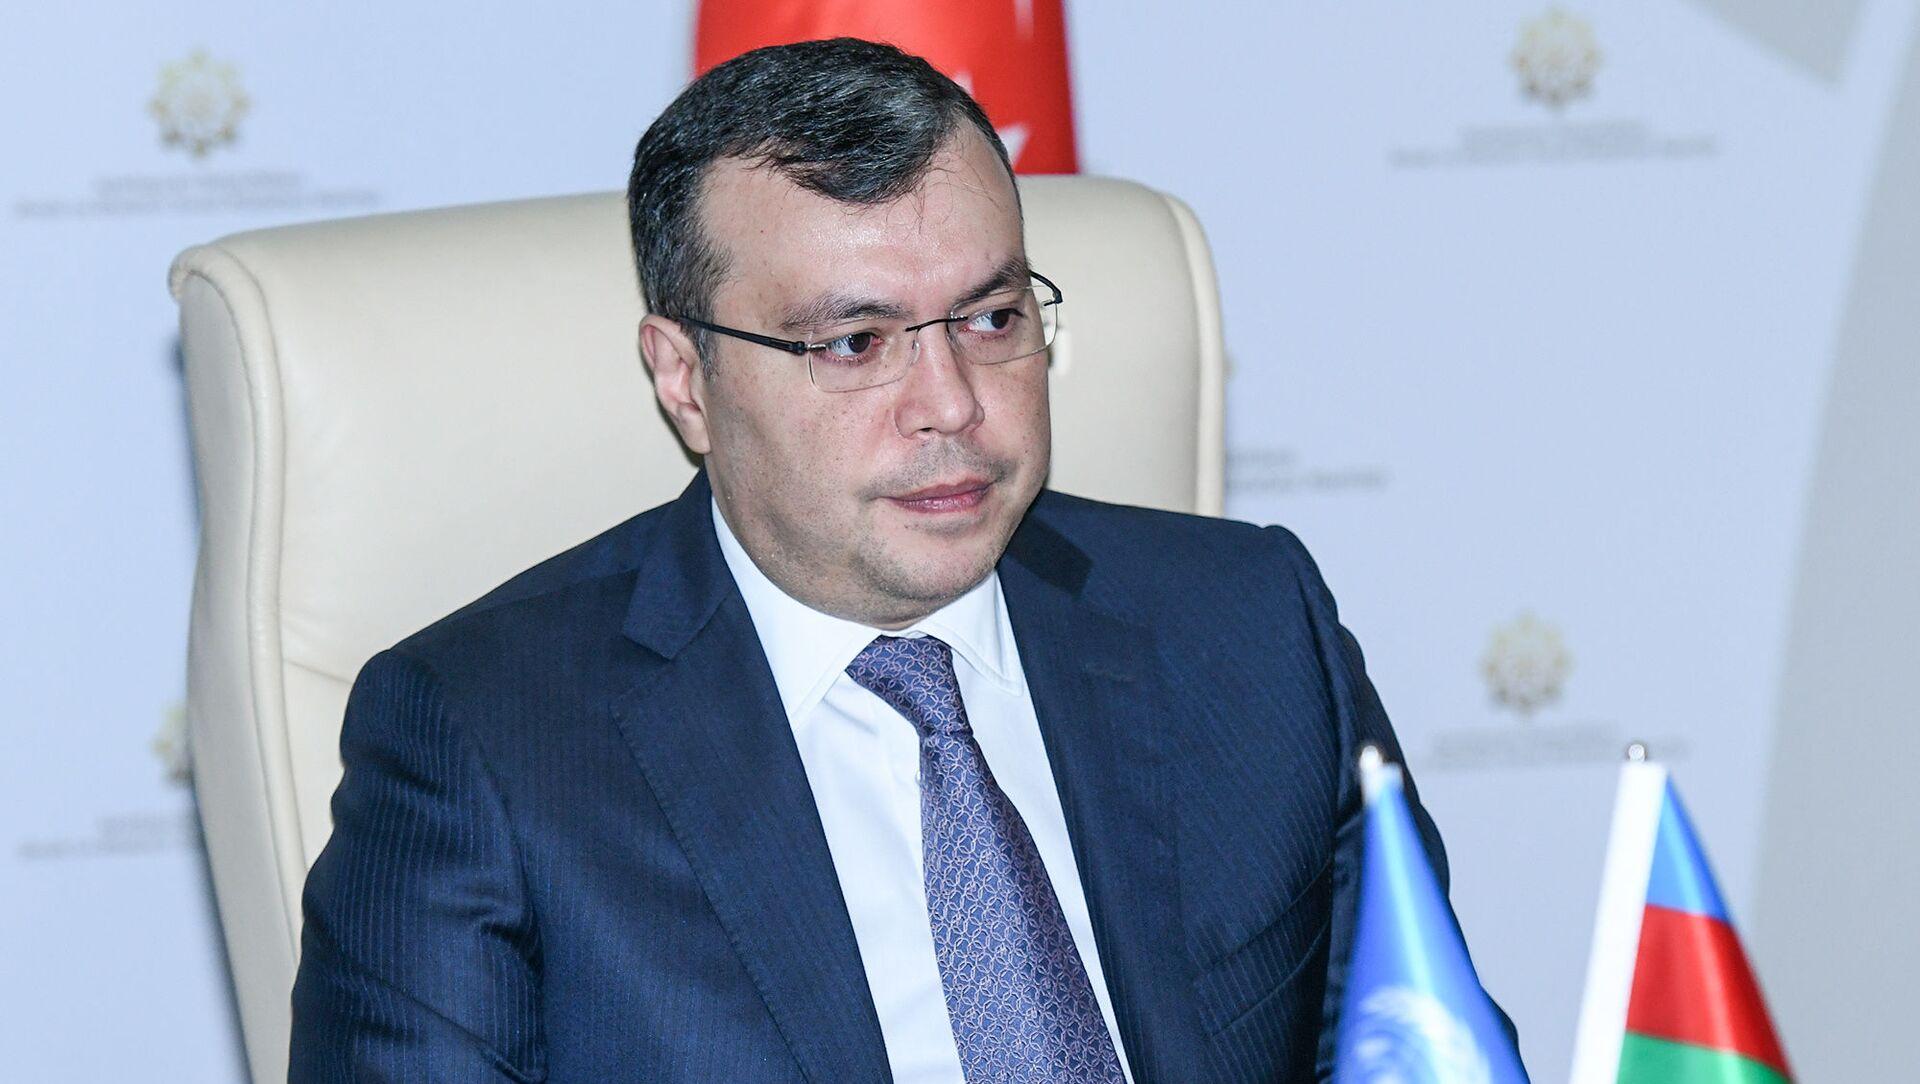 Əmək və Əhalinin Sosial Müdafiəsi naziri Sahil Babayev - Sputnik Azərbaycan, 1920, 02.09.2021